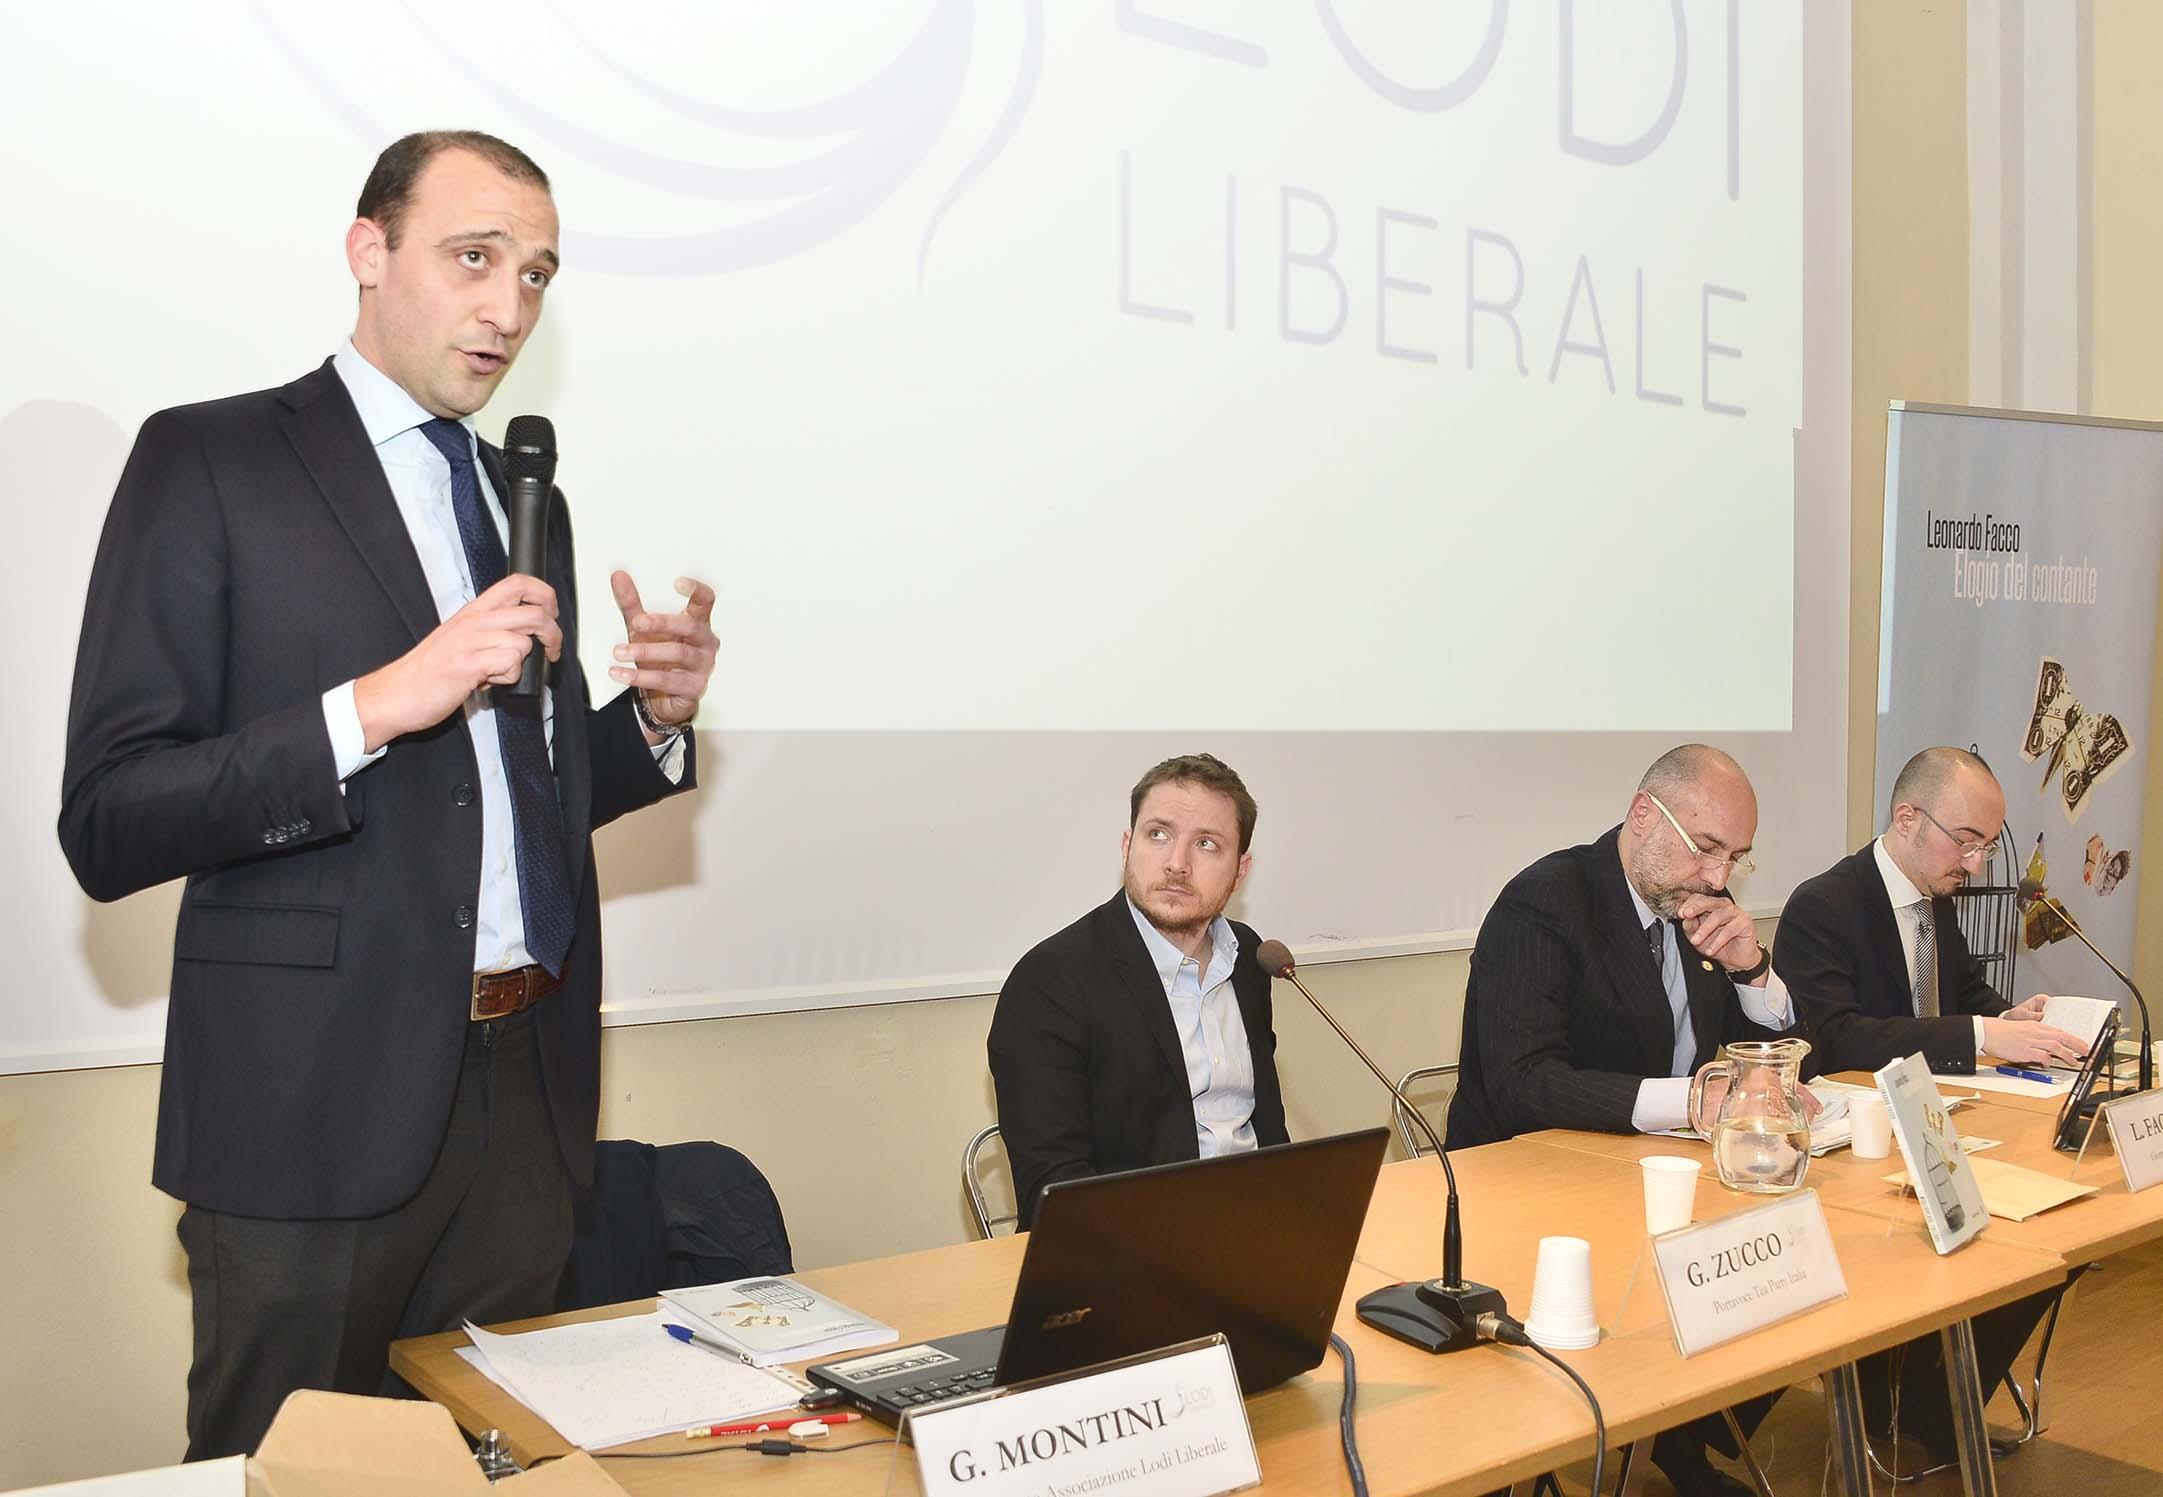 """Associazione Lodi Liberale - Presentazione del libro """"Elogio del contante"""" di Leonardo Facco"""